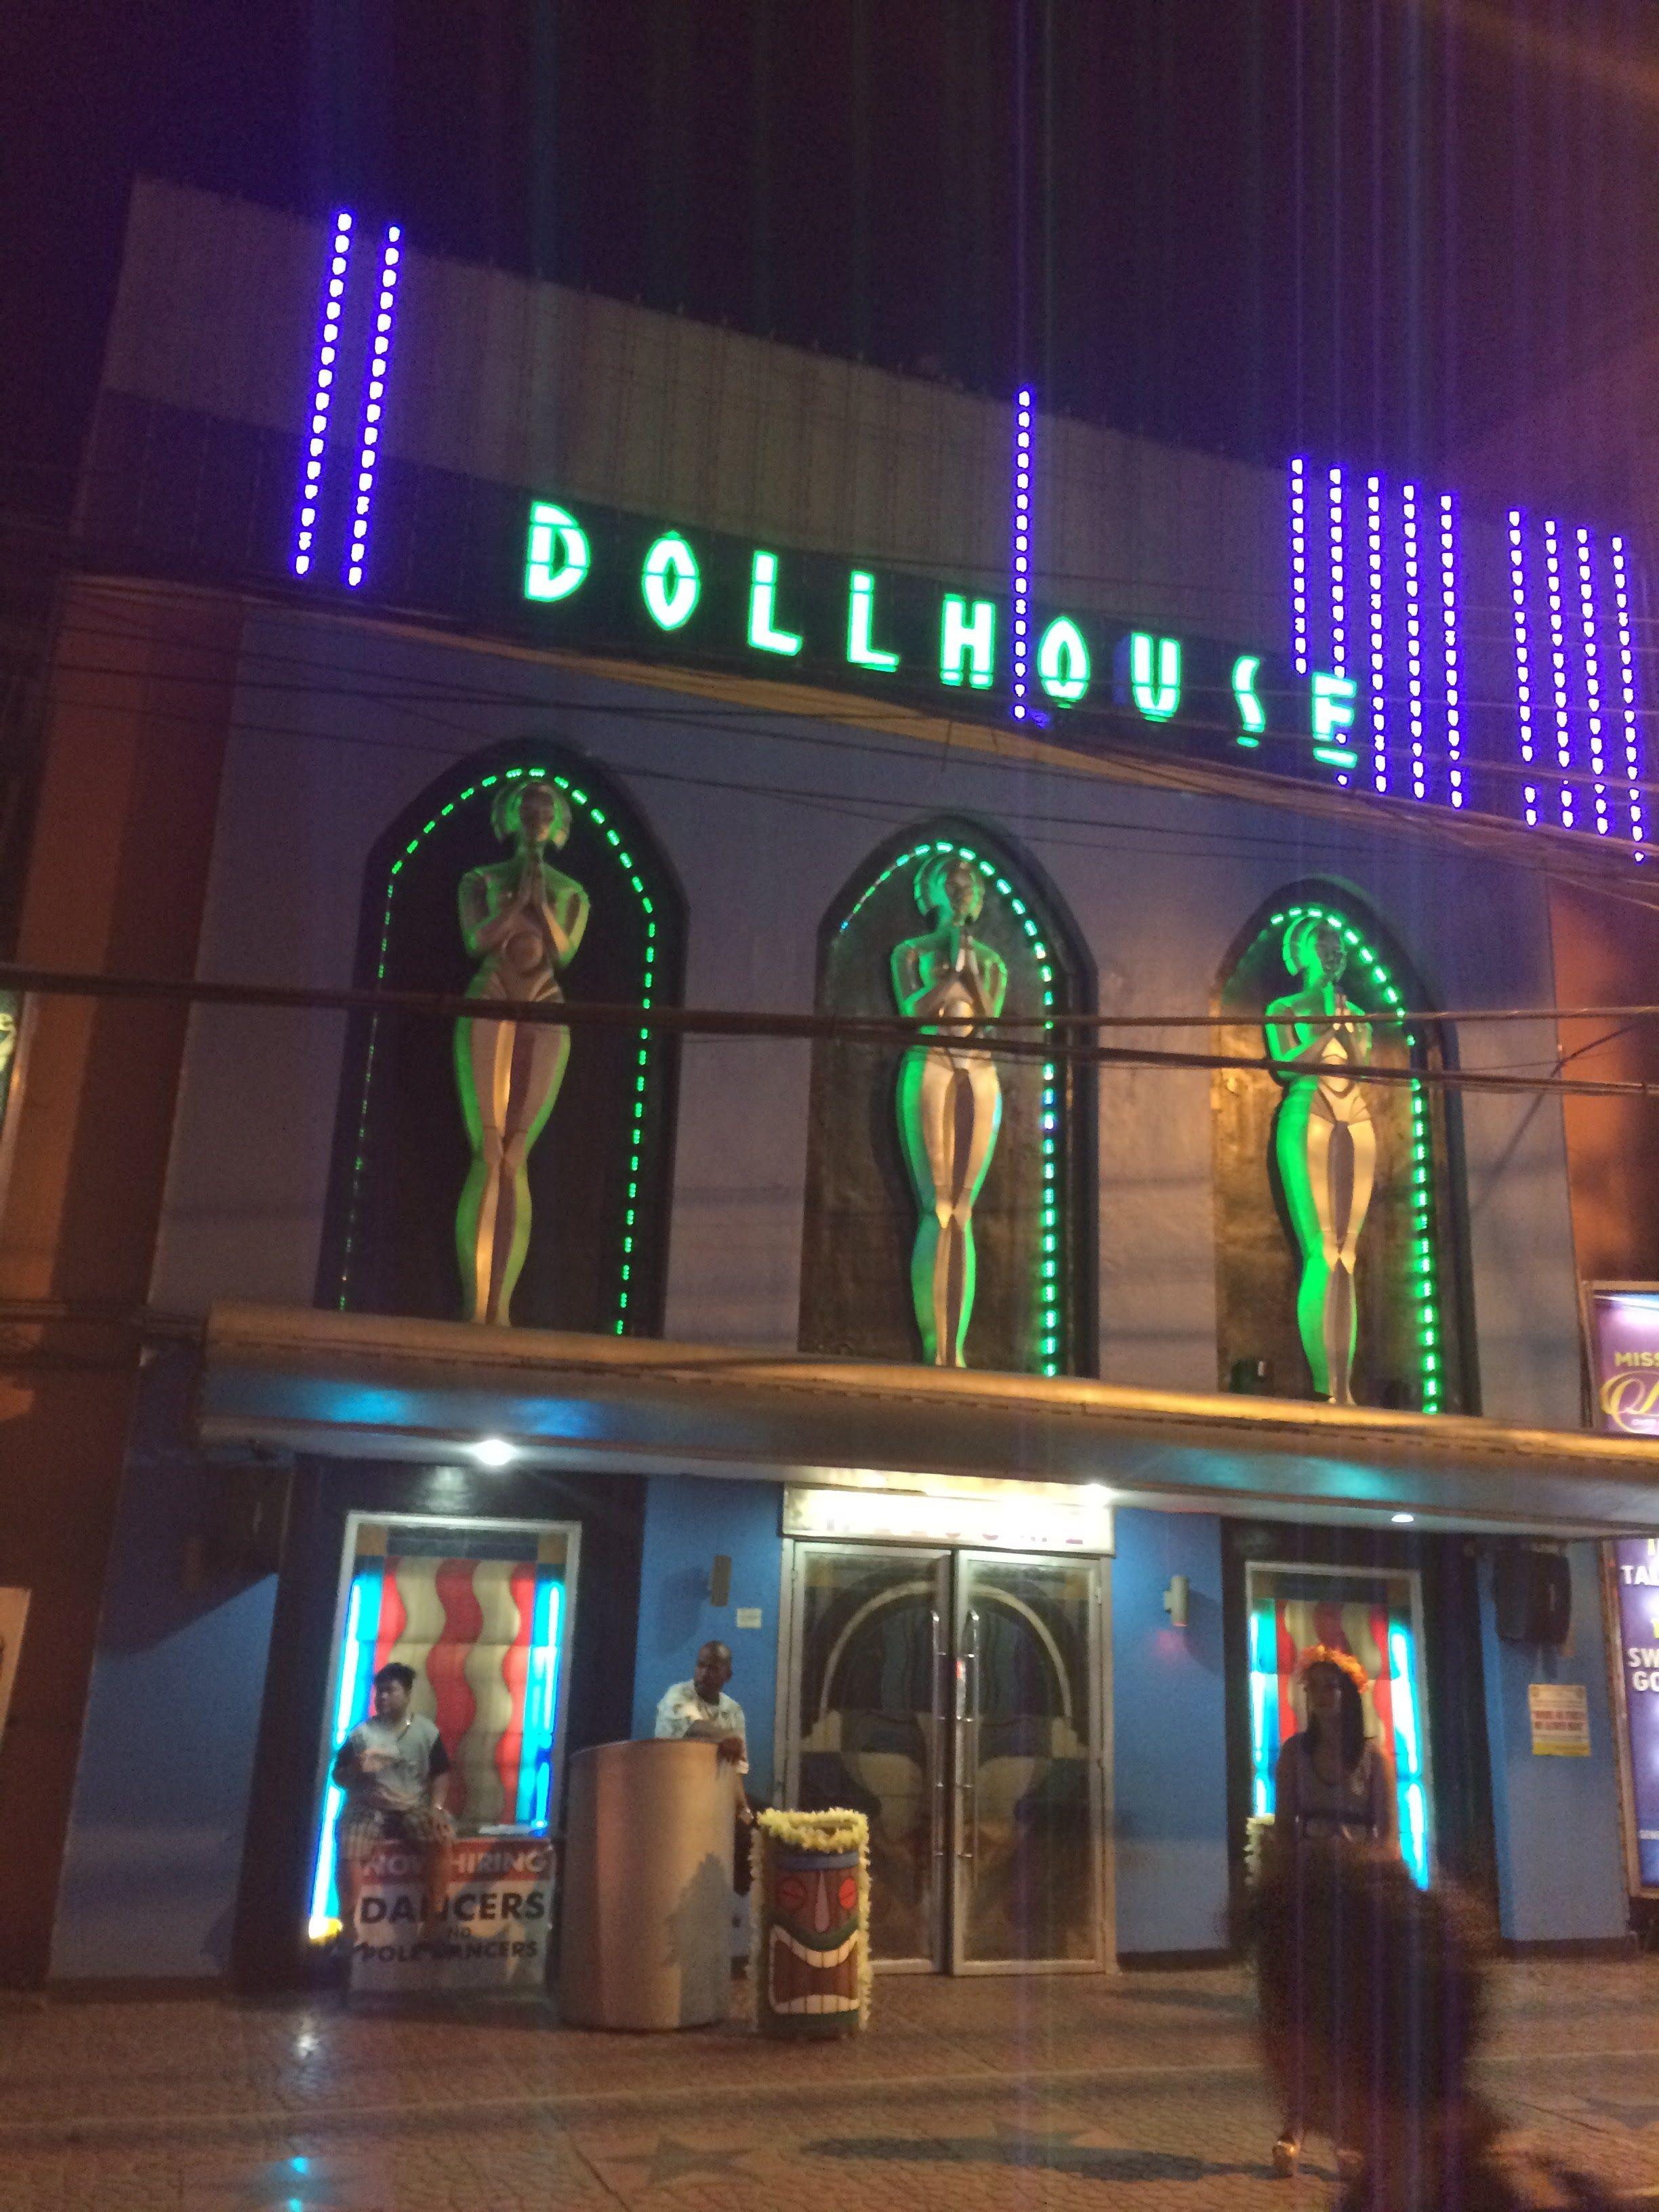 2017年初秋、日曜夜のDOLL HOUSEに行ってみた件